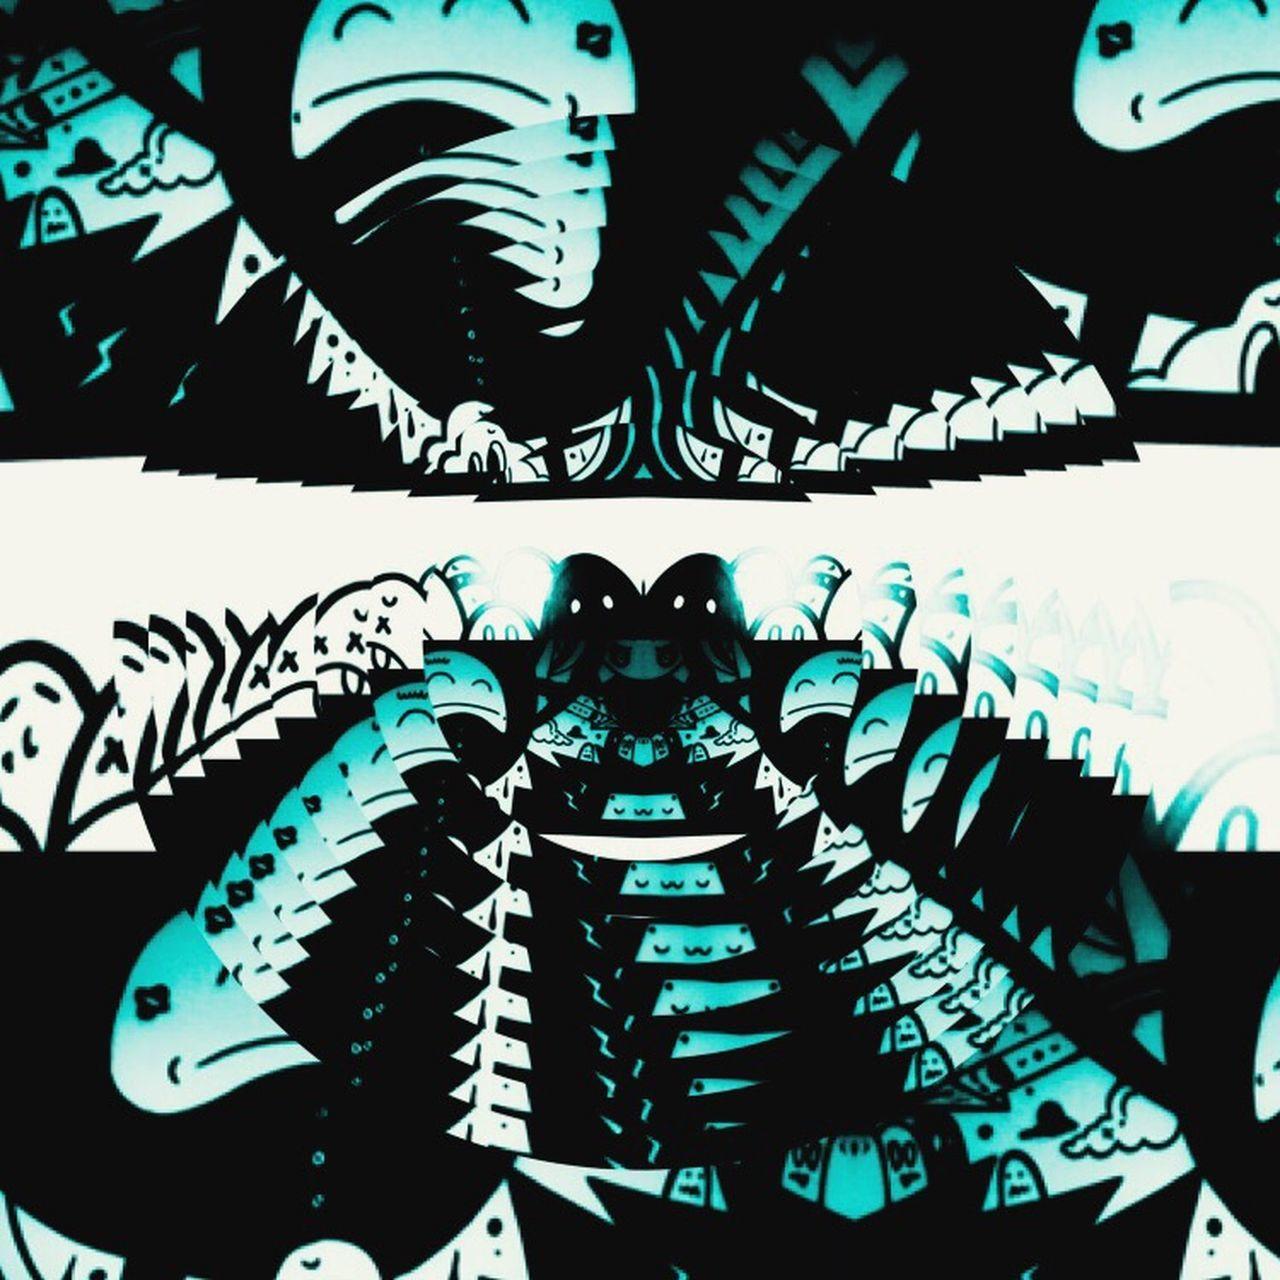 Graffiti Art Murial Modern Art Gohst Helloween Casper Casper ♥ Casperthegohst Tag Spraypaint